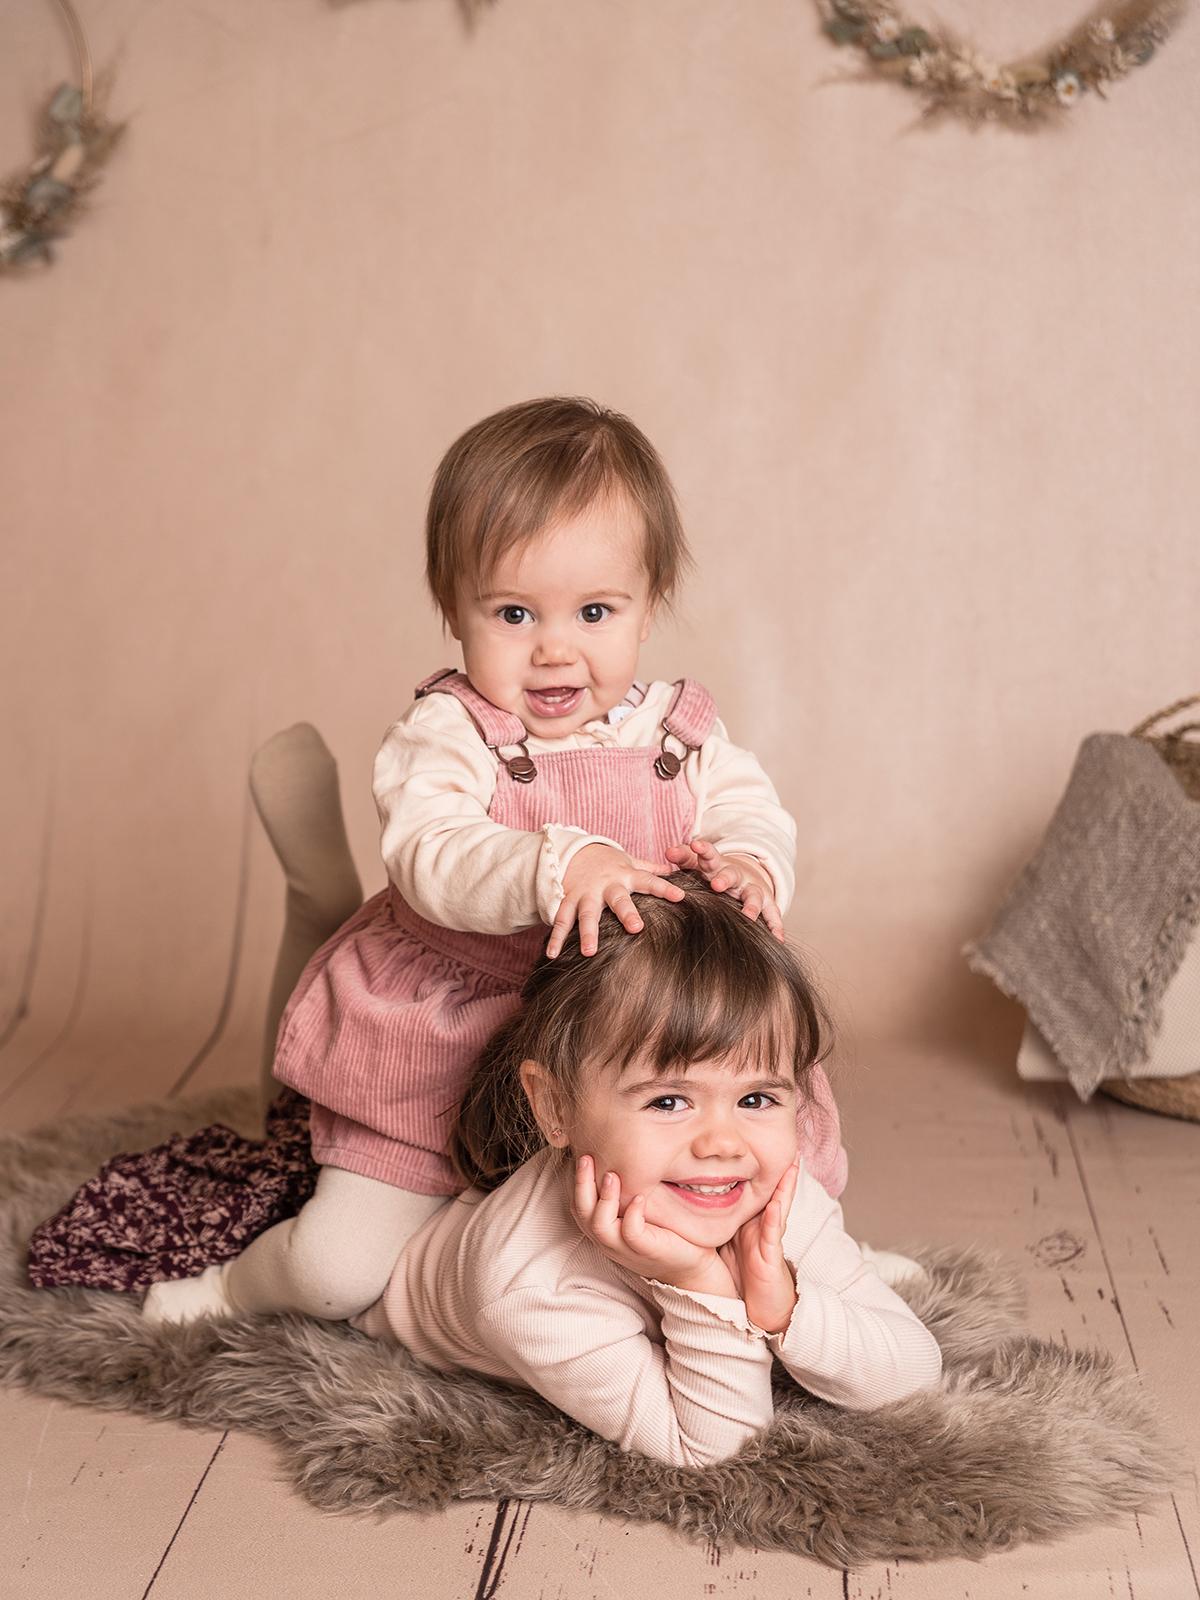 Geschwister Mädchen